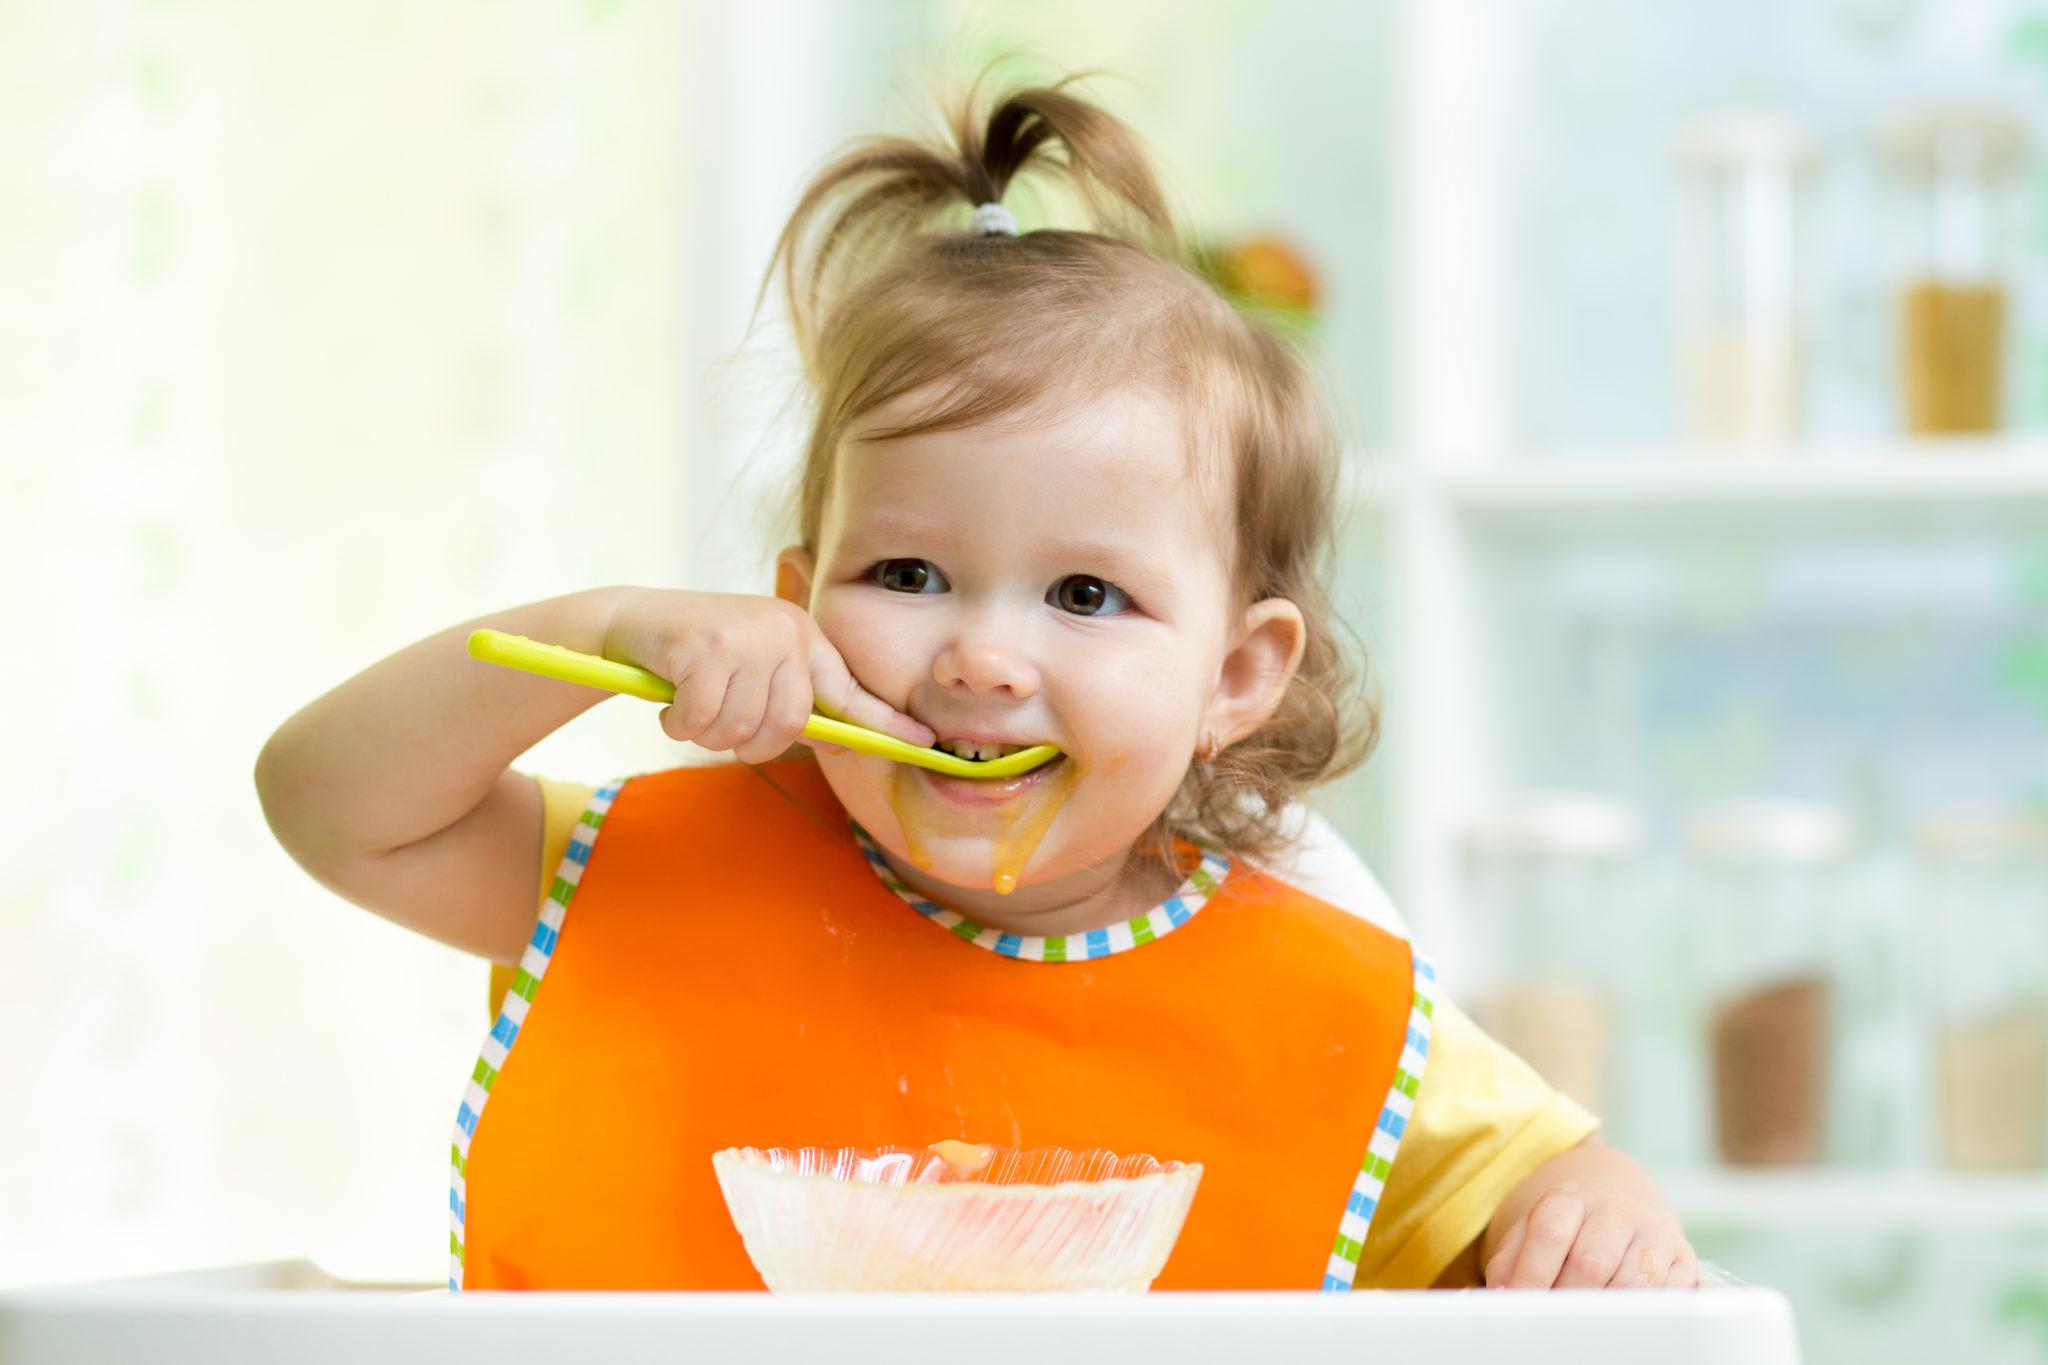 Как научить ребенка есть ложкой: 7 хитростей, которые ускорят процесс